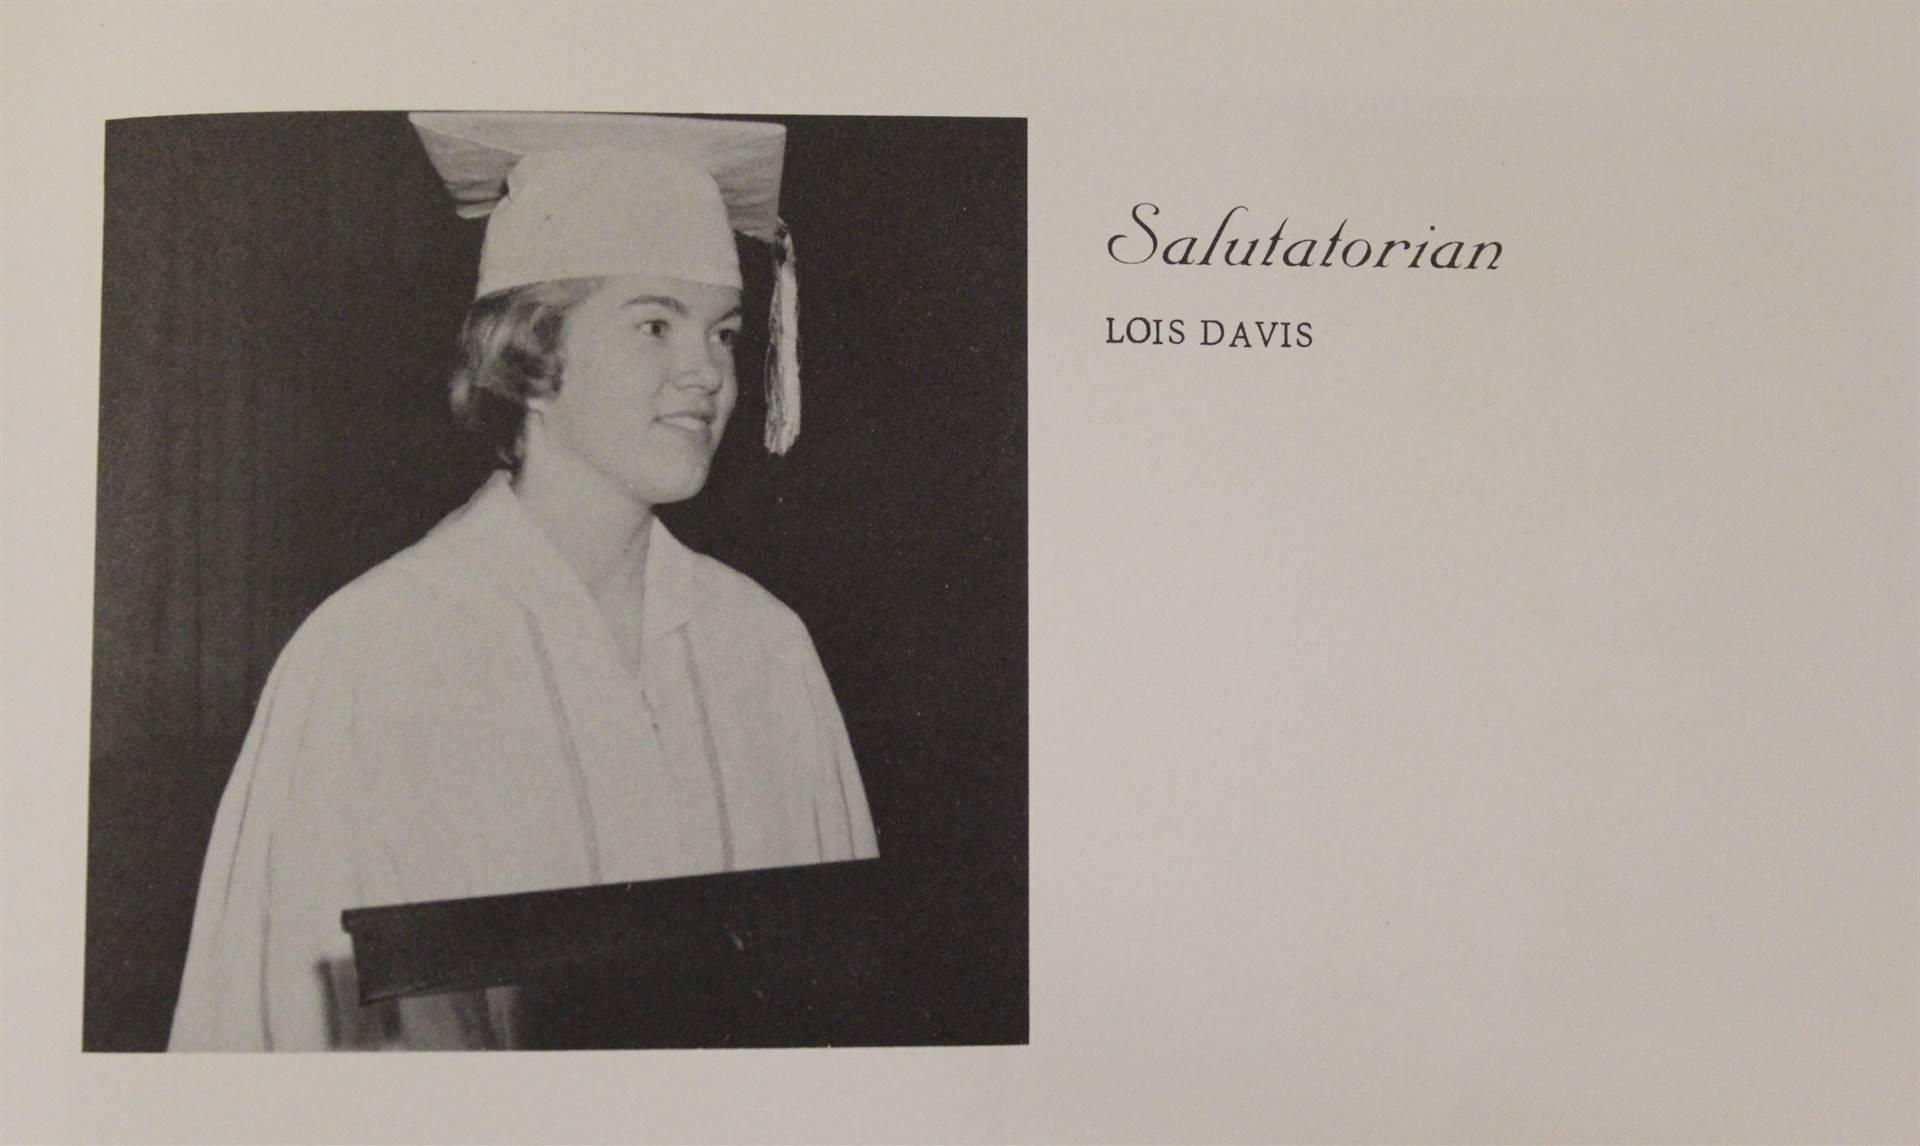 1960 Salutatorian